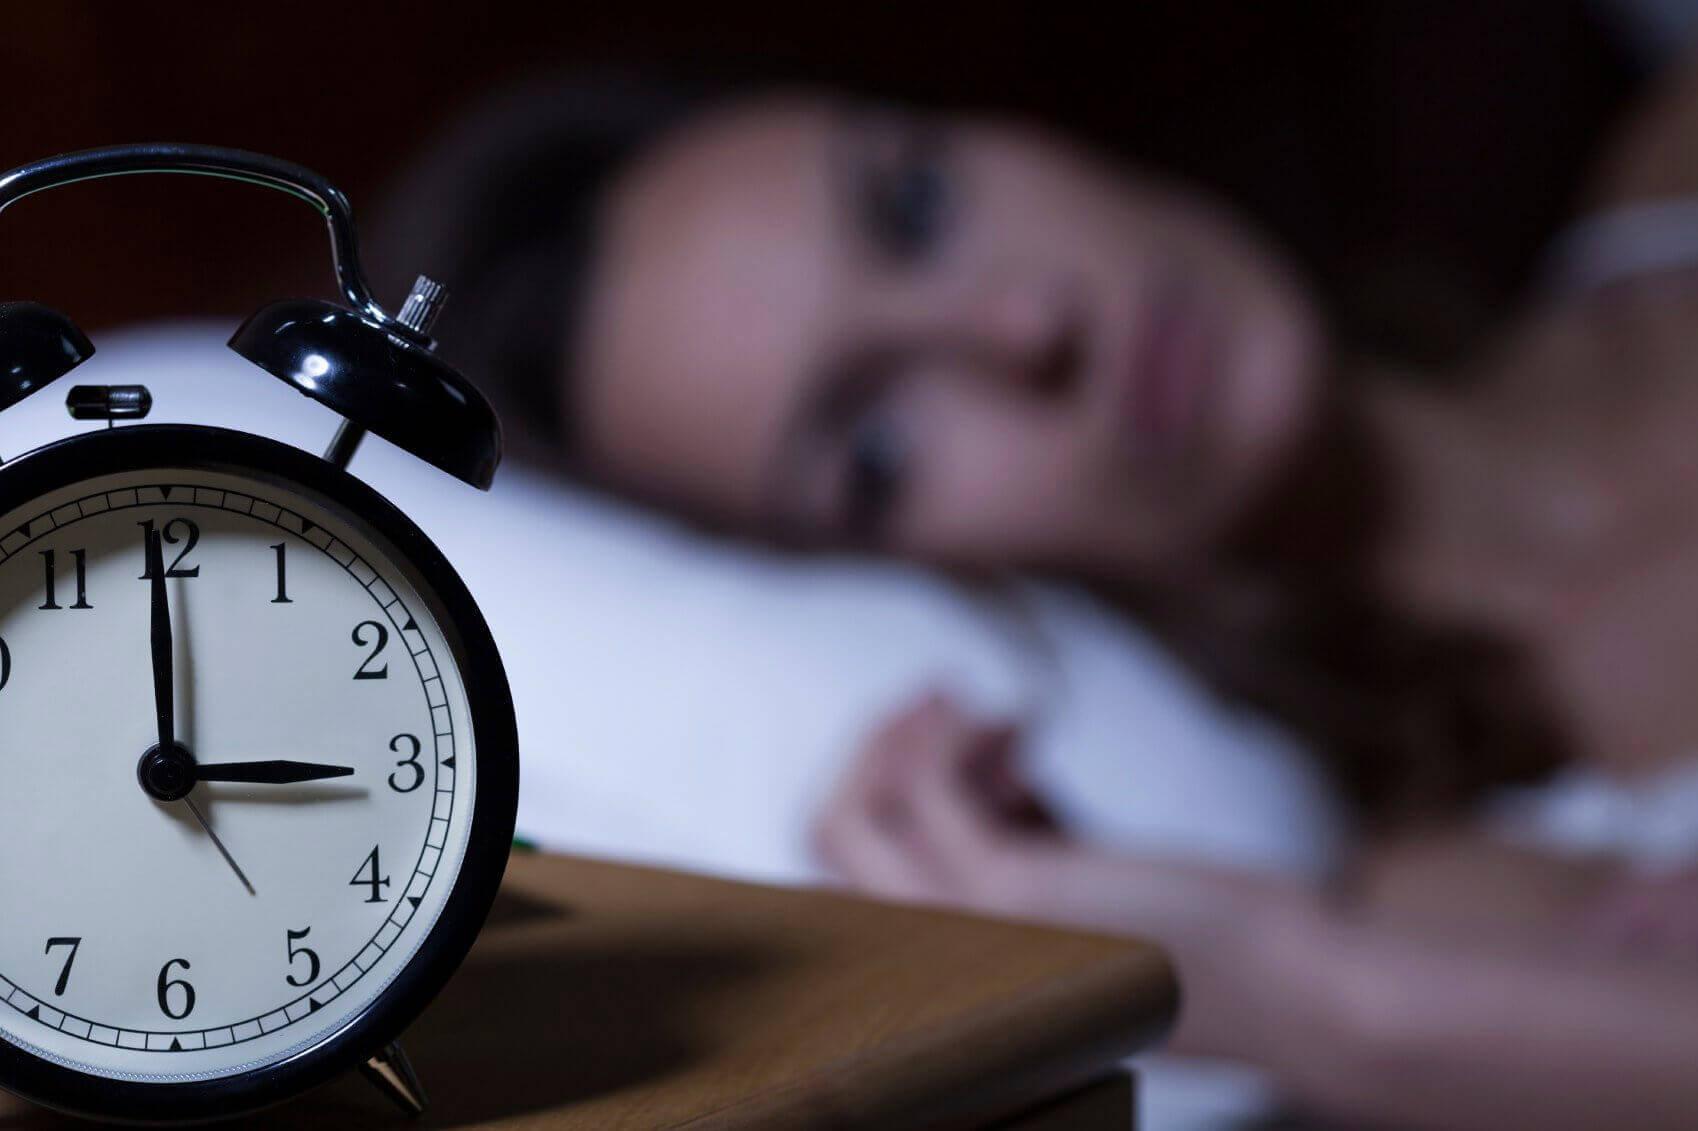 saat yatakta yatan kadın uykusuzluk